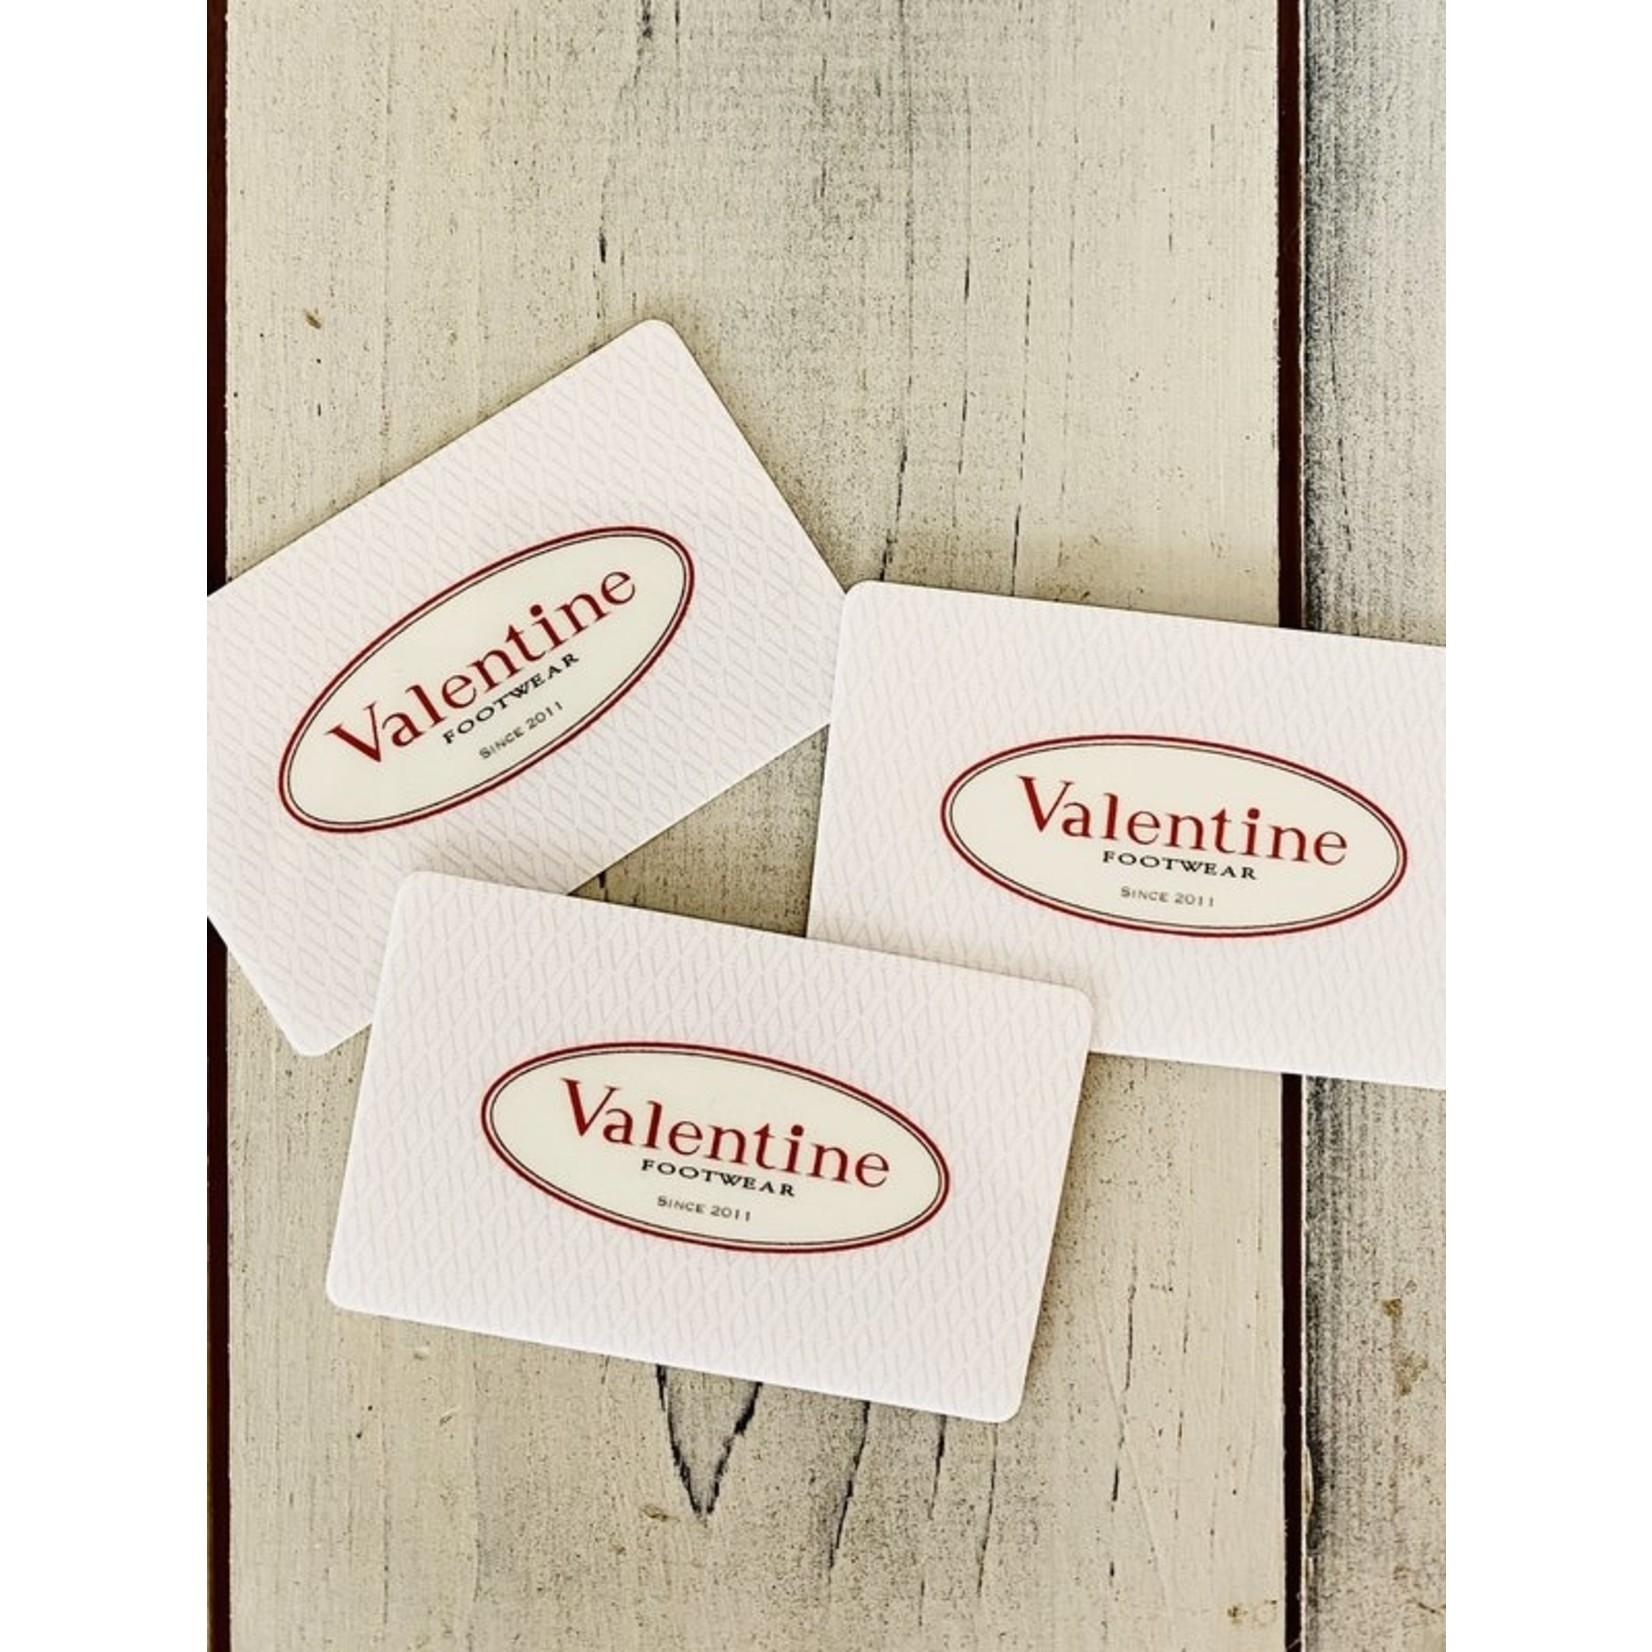 Valentine Footwear $25 Gift Card